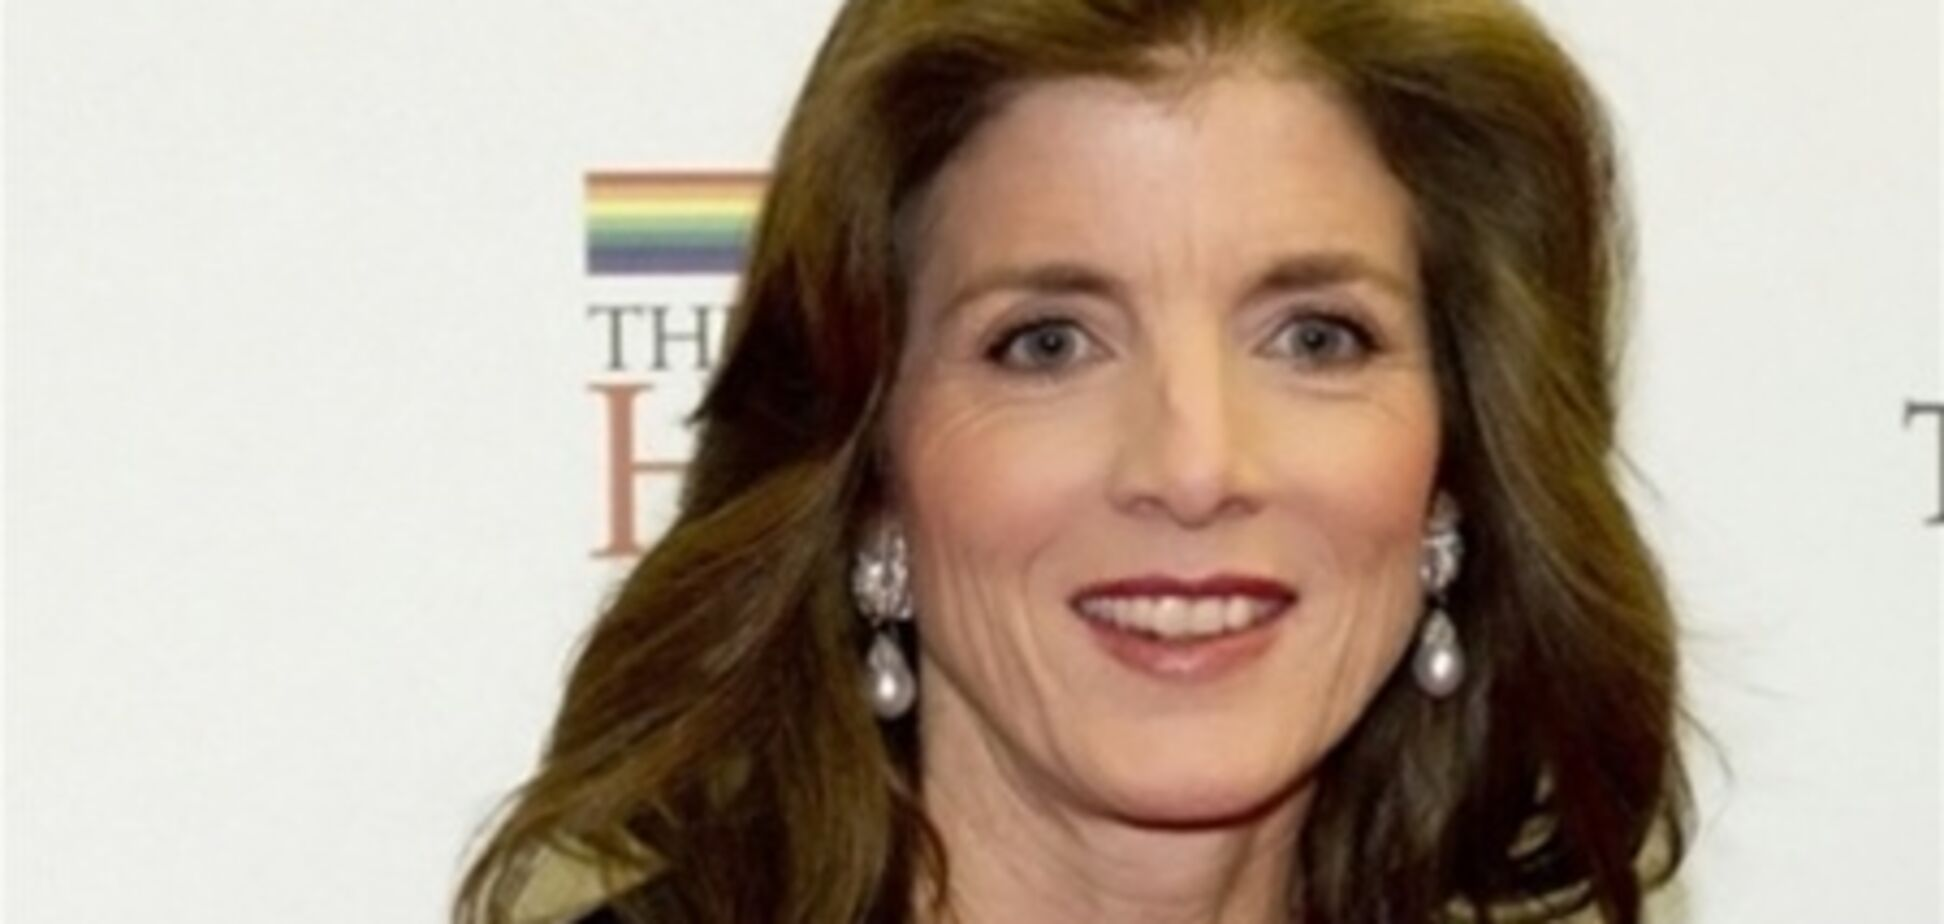 СМИ: дочь Кеннеди станет послом США в Японии